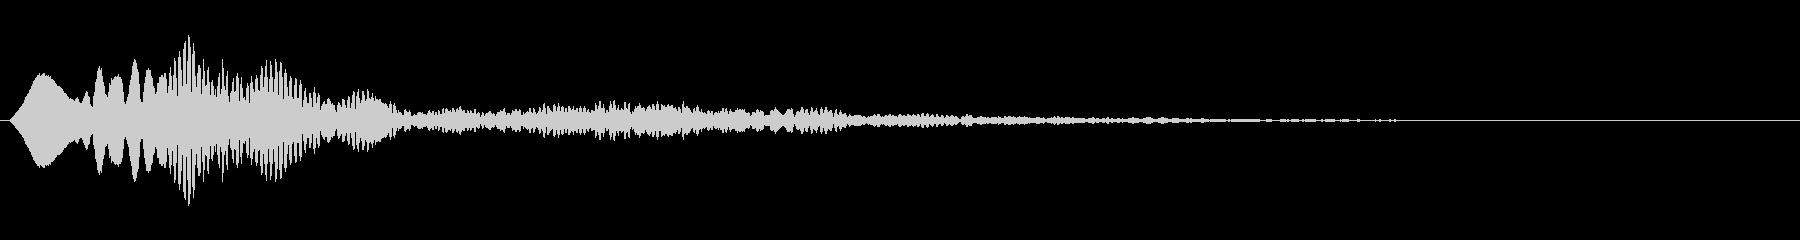 シンプルな決定音3の未再生の波形